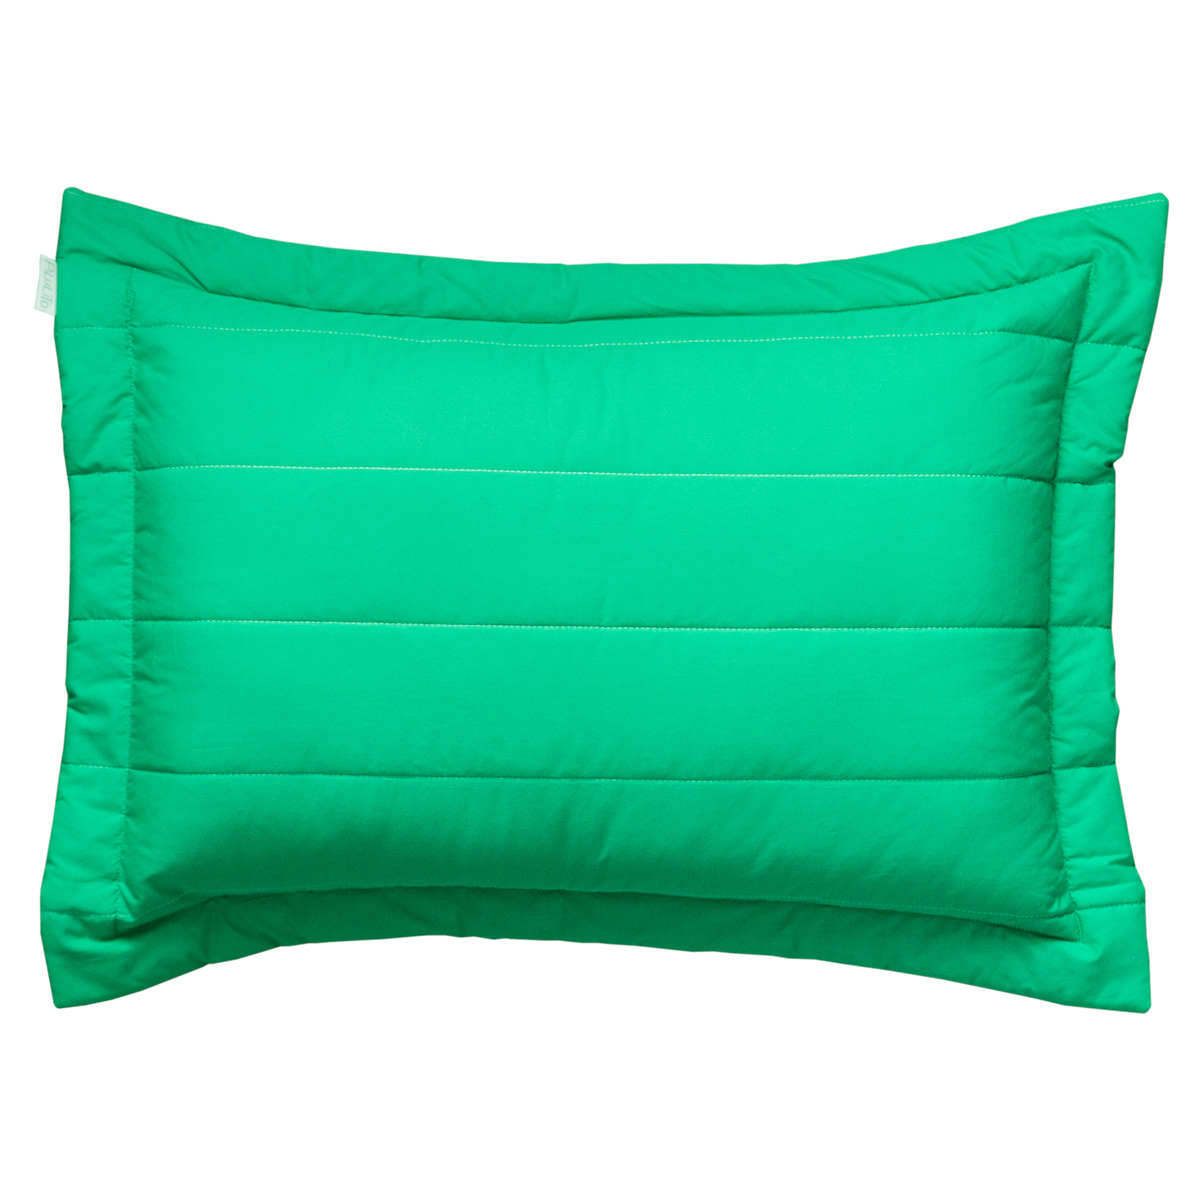 Porta Travesseiro Percal 200 Fios Listras Verde Esmeralda